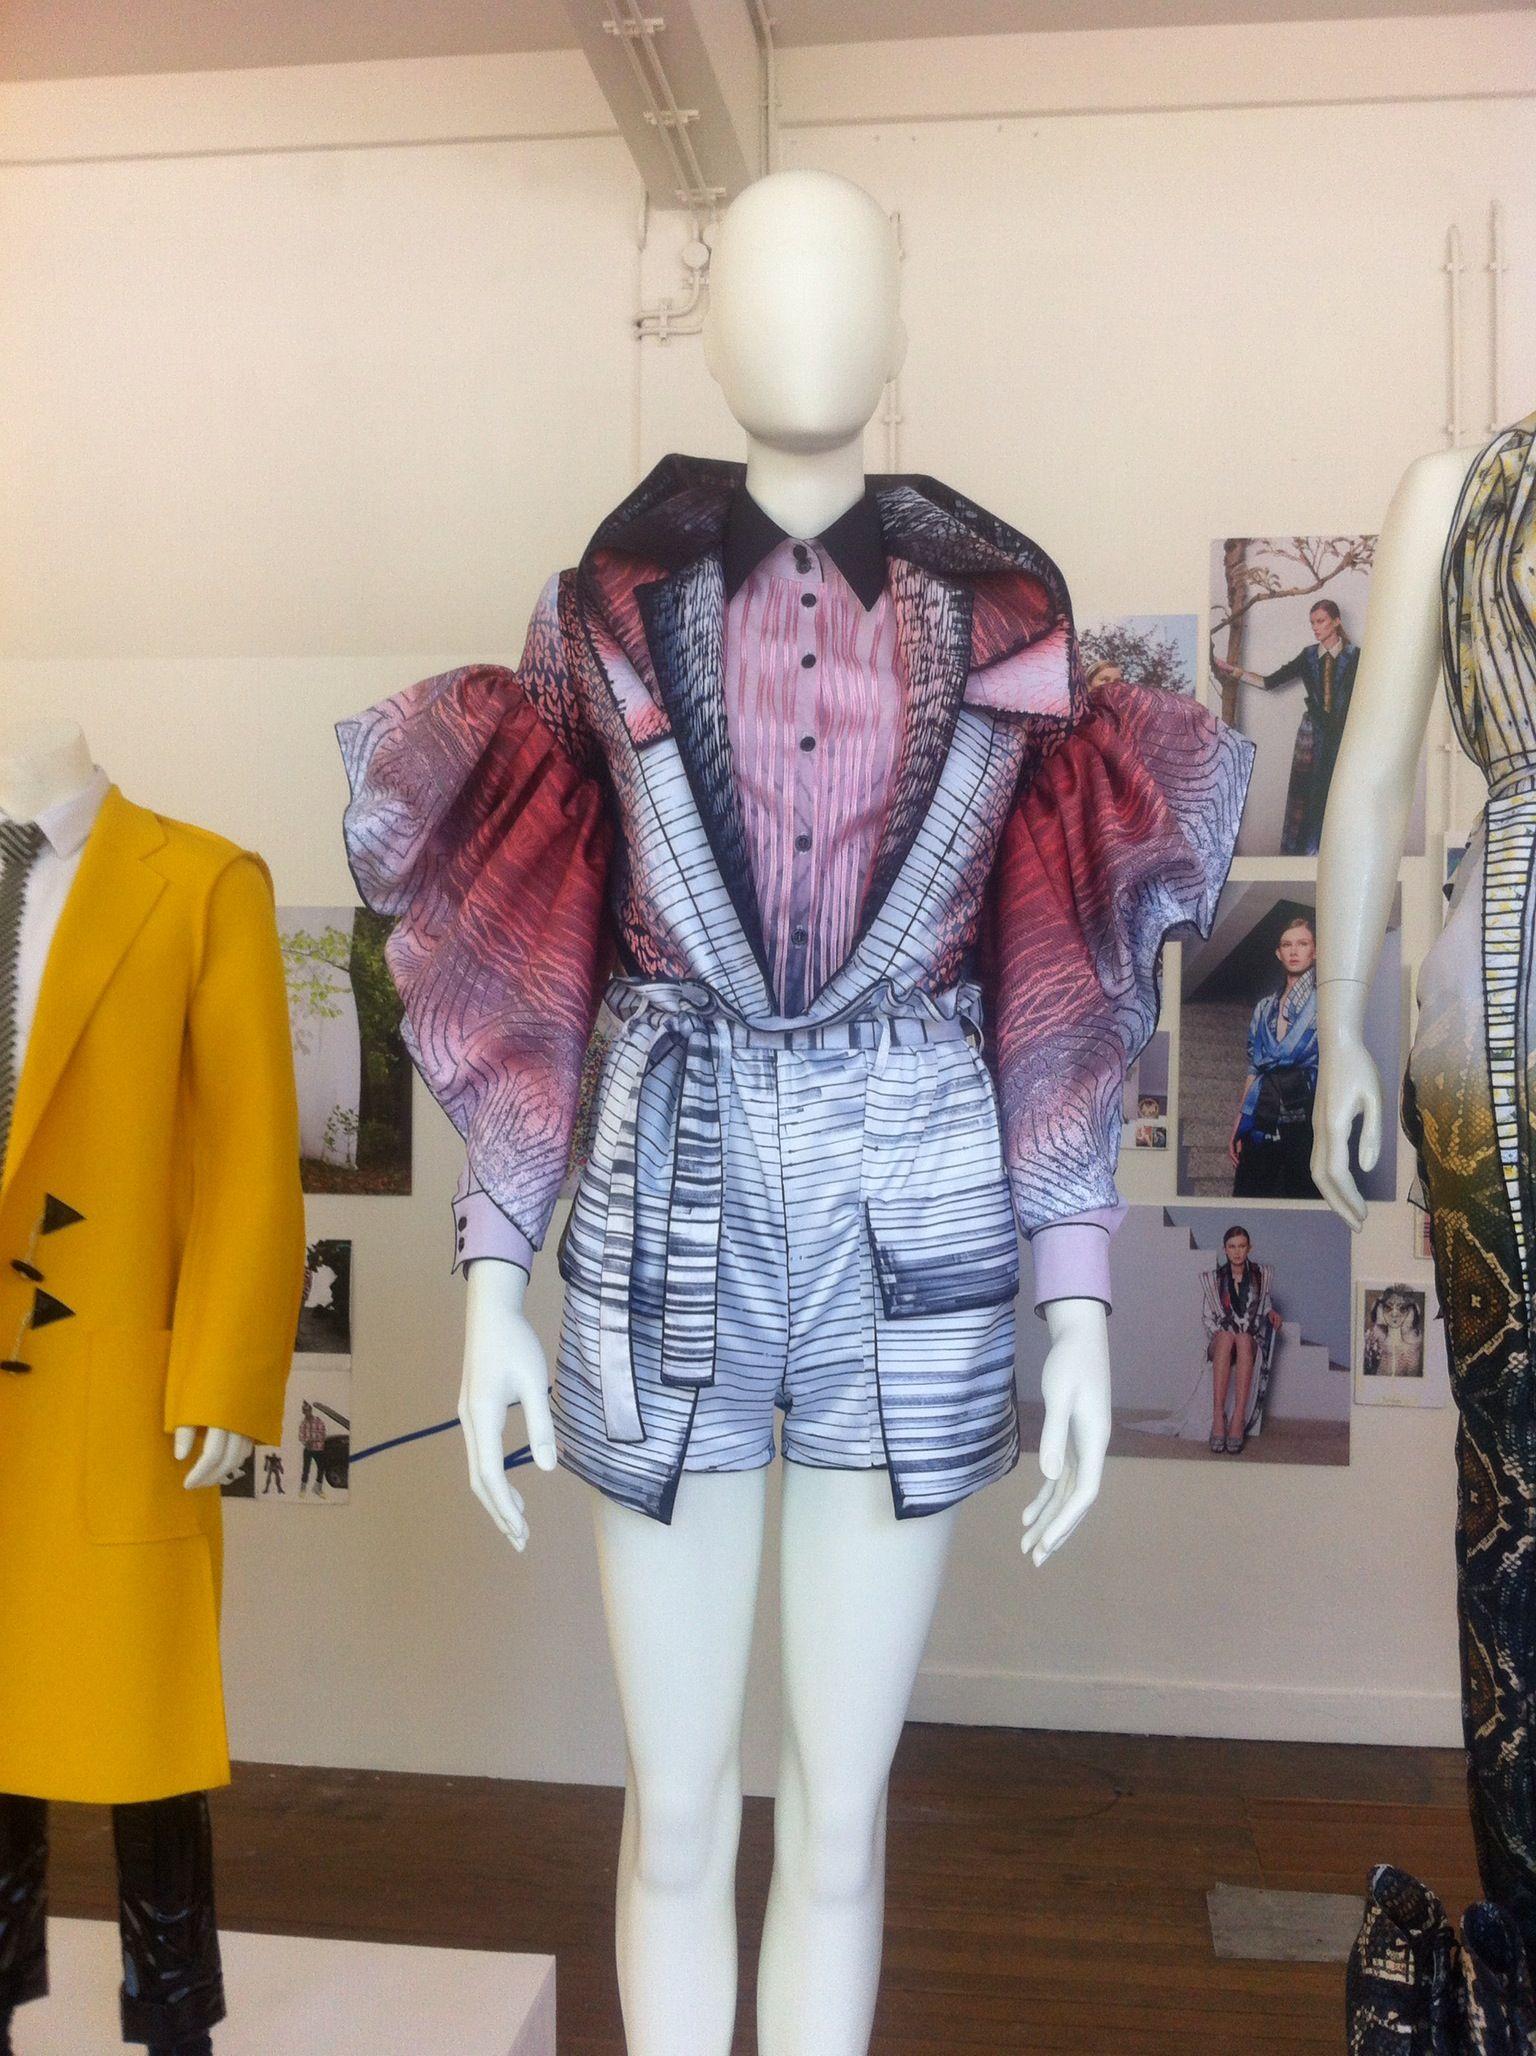 Couture Jumpsuit - Loekie Mulder (Graduation Show KABK)